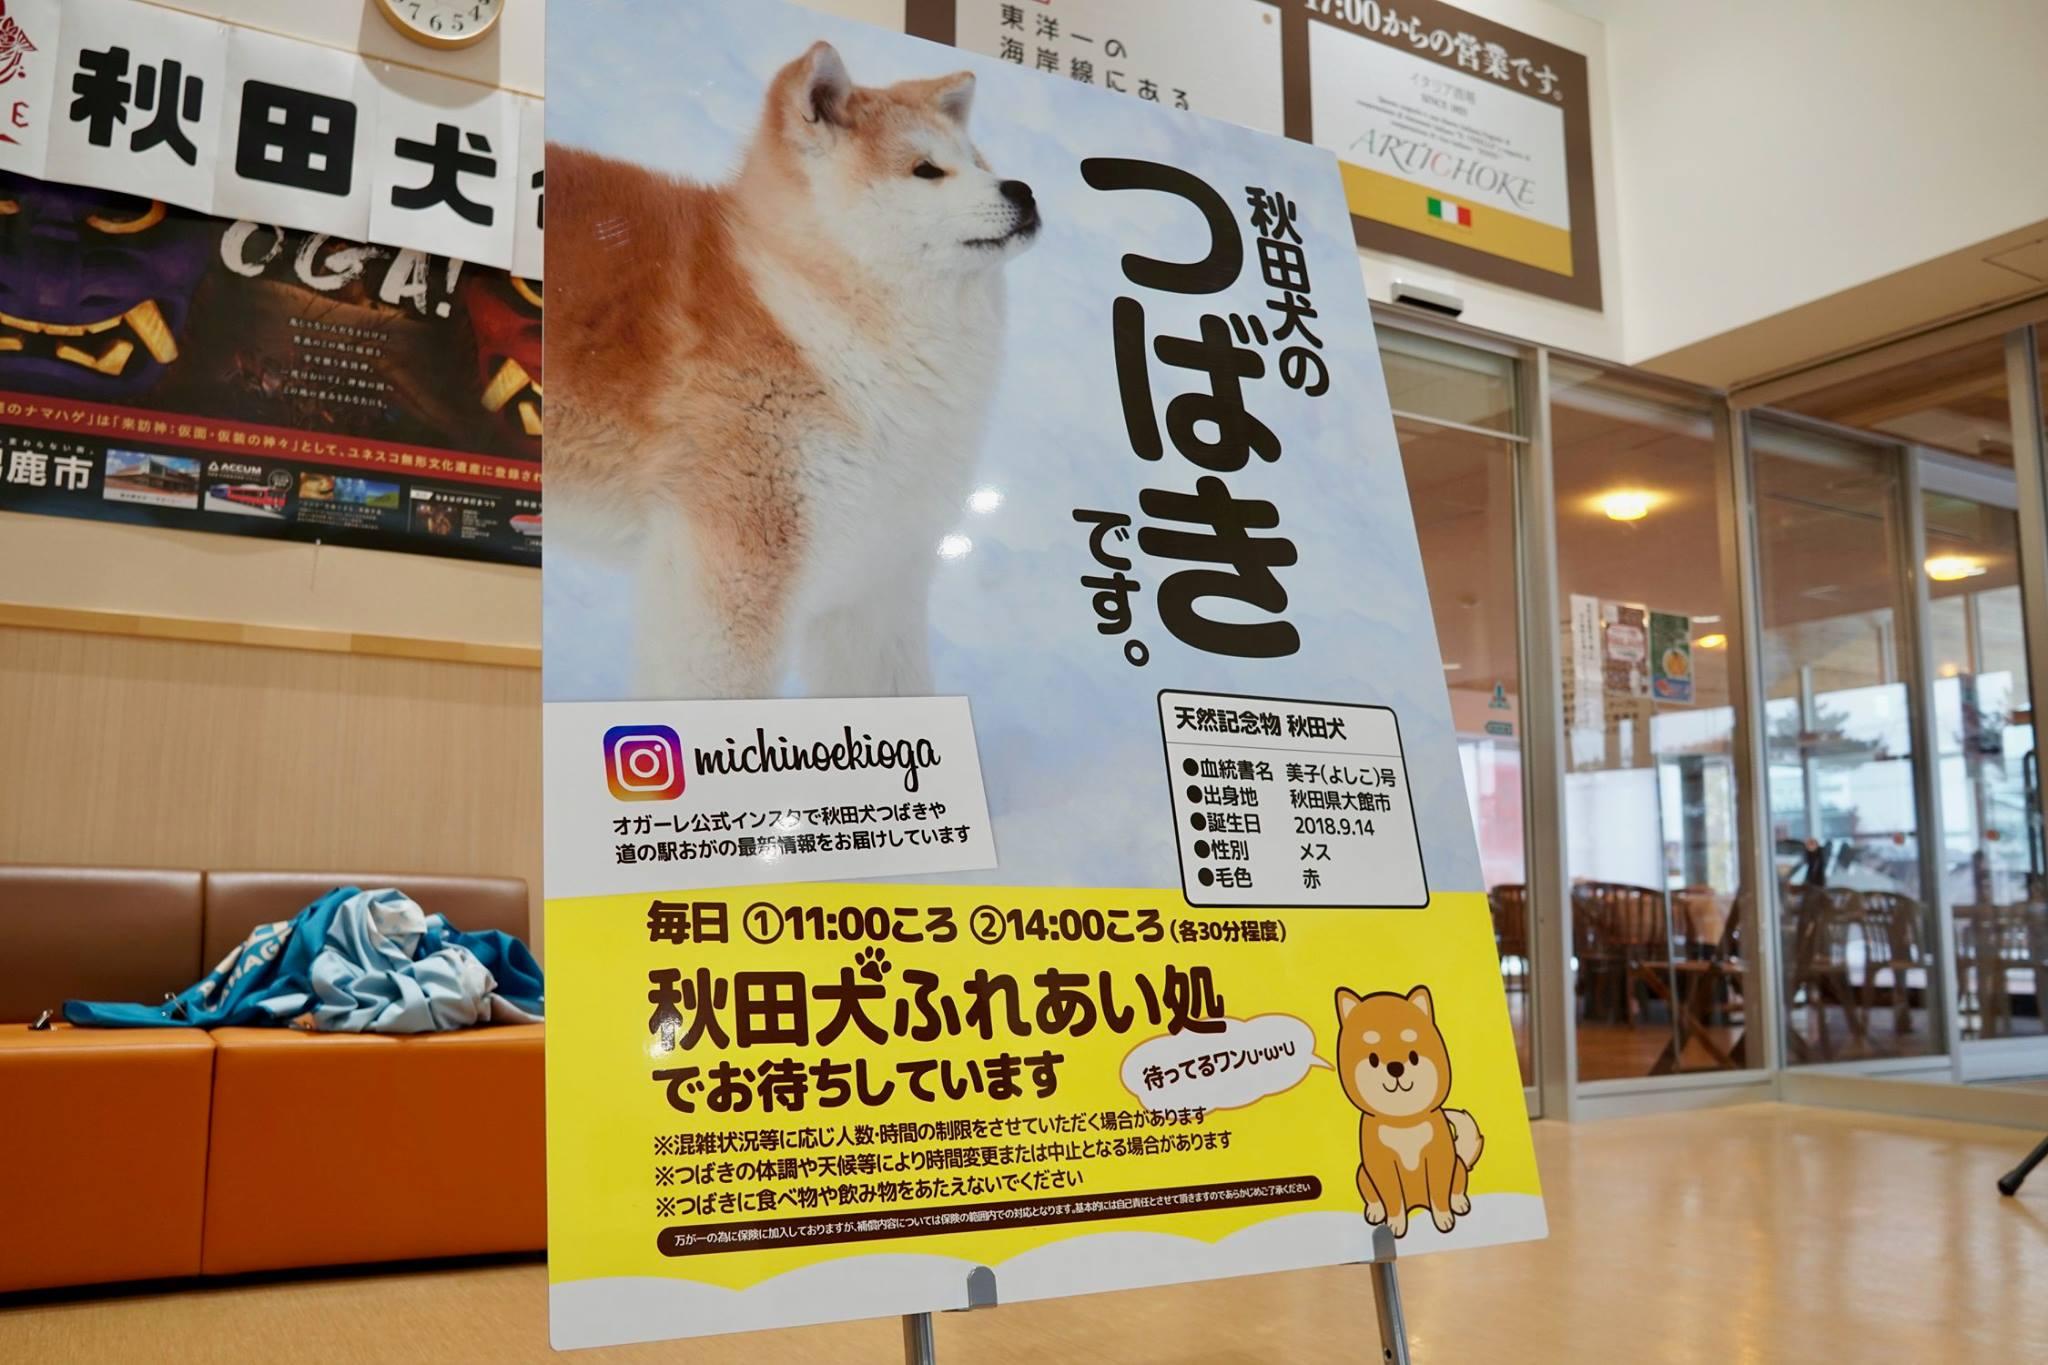 秋田犬に会いに行く◆道の駅おが|なまはげの里オガーレ